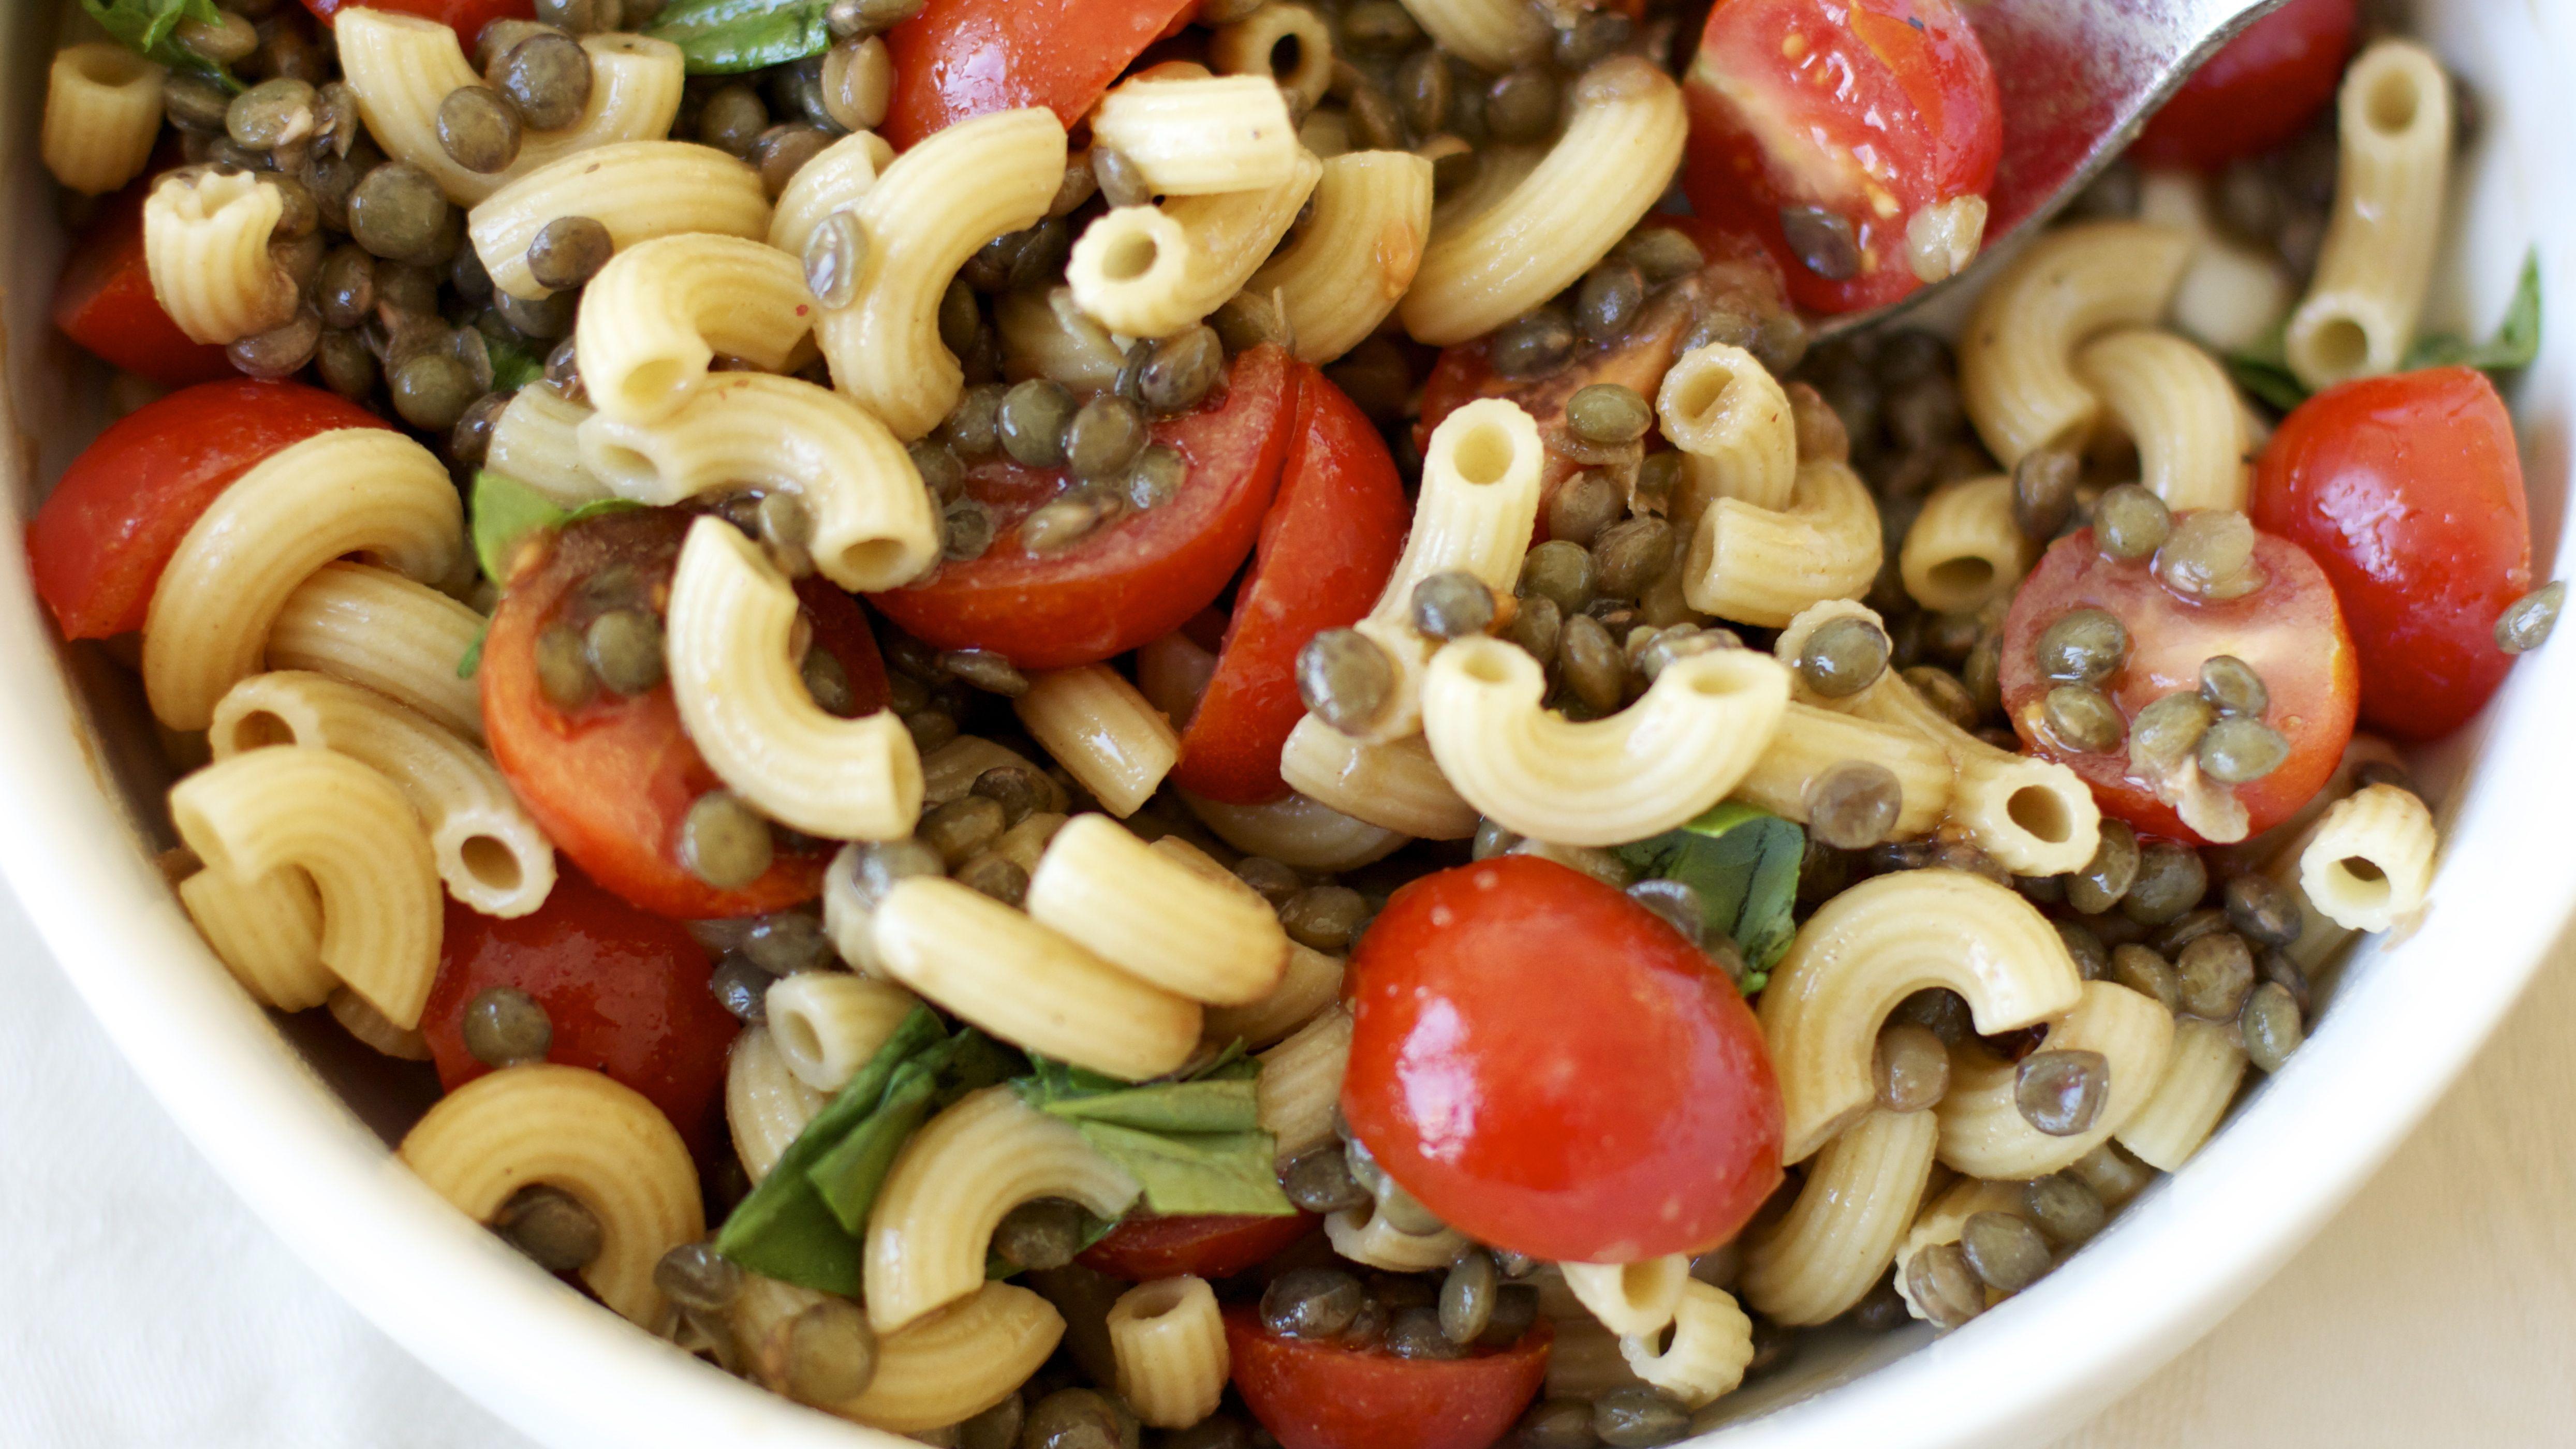 Salade toute simple de p tes aux lentilles et tomates an utterly simple pasta salad with - Salade de tomates simple ...